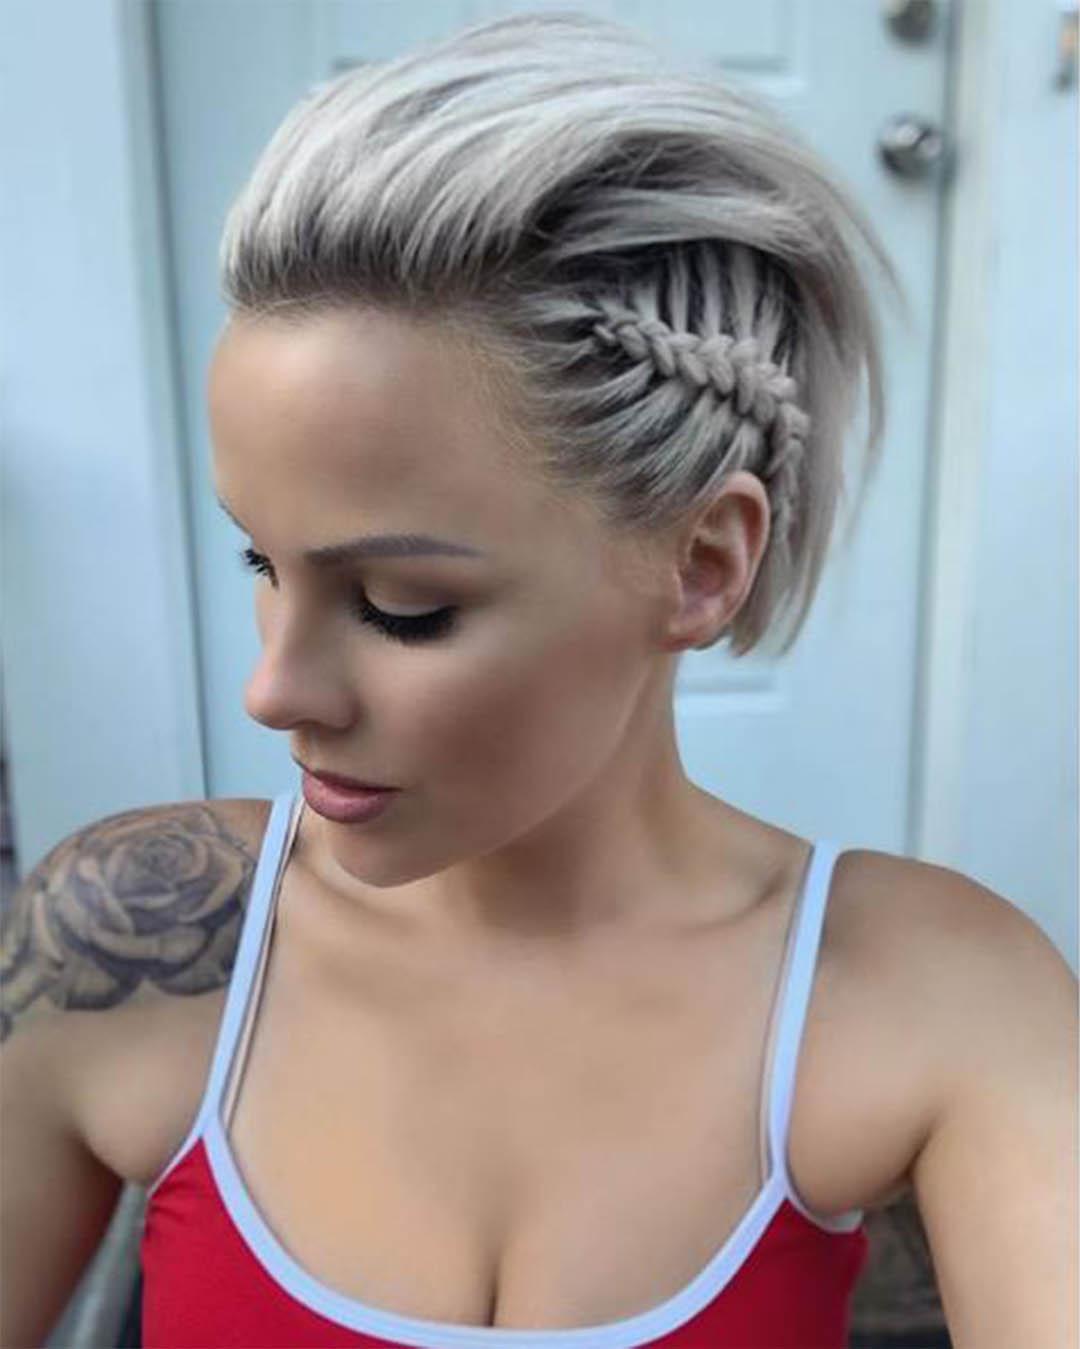 Un look impactante con peinados con el pelo corto Imagen de cortes de pelo estilo - Ideas de peinados para CABELLO CORTO con TRENZAS - ElSexoso